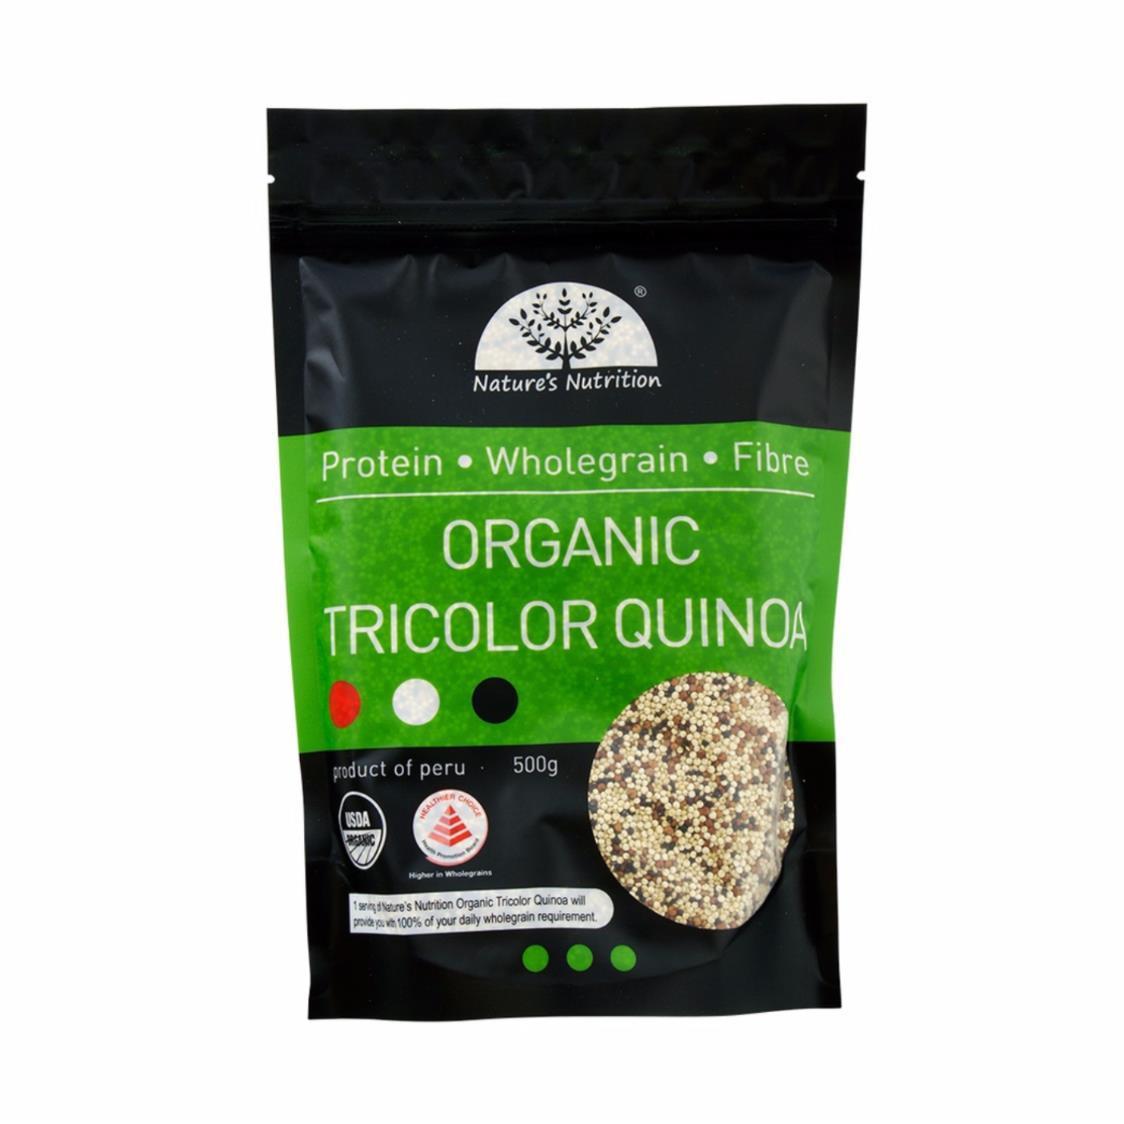 Organic Tricolor Quinoa  Metro Private Limited